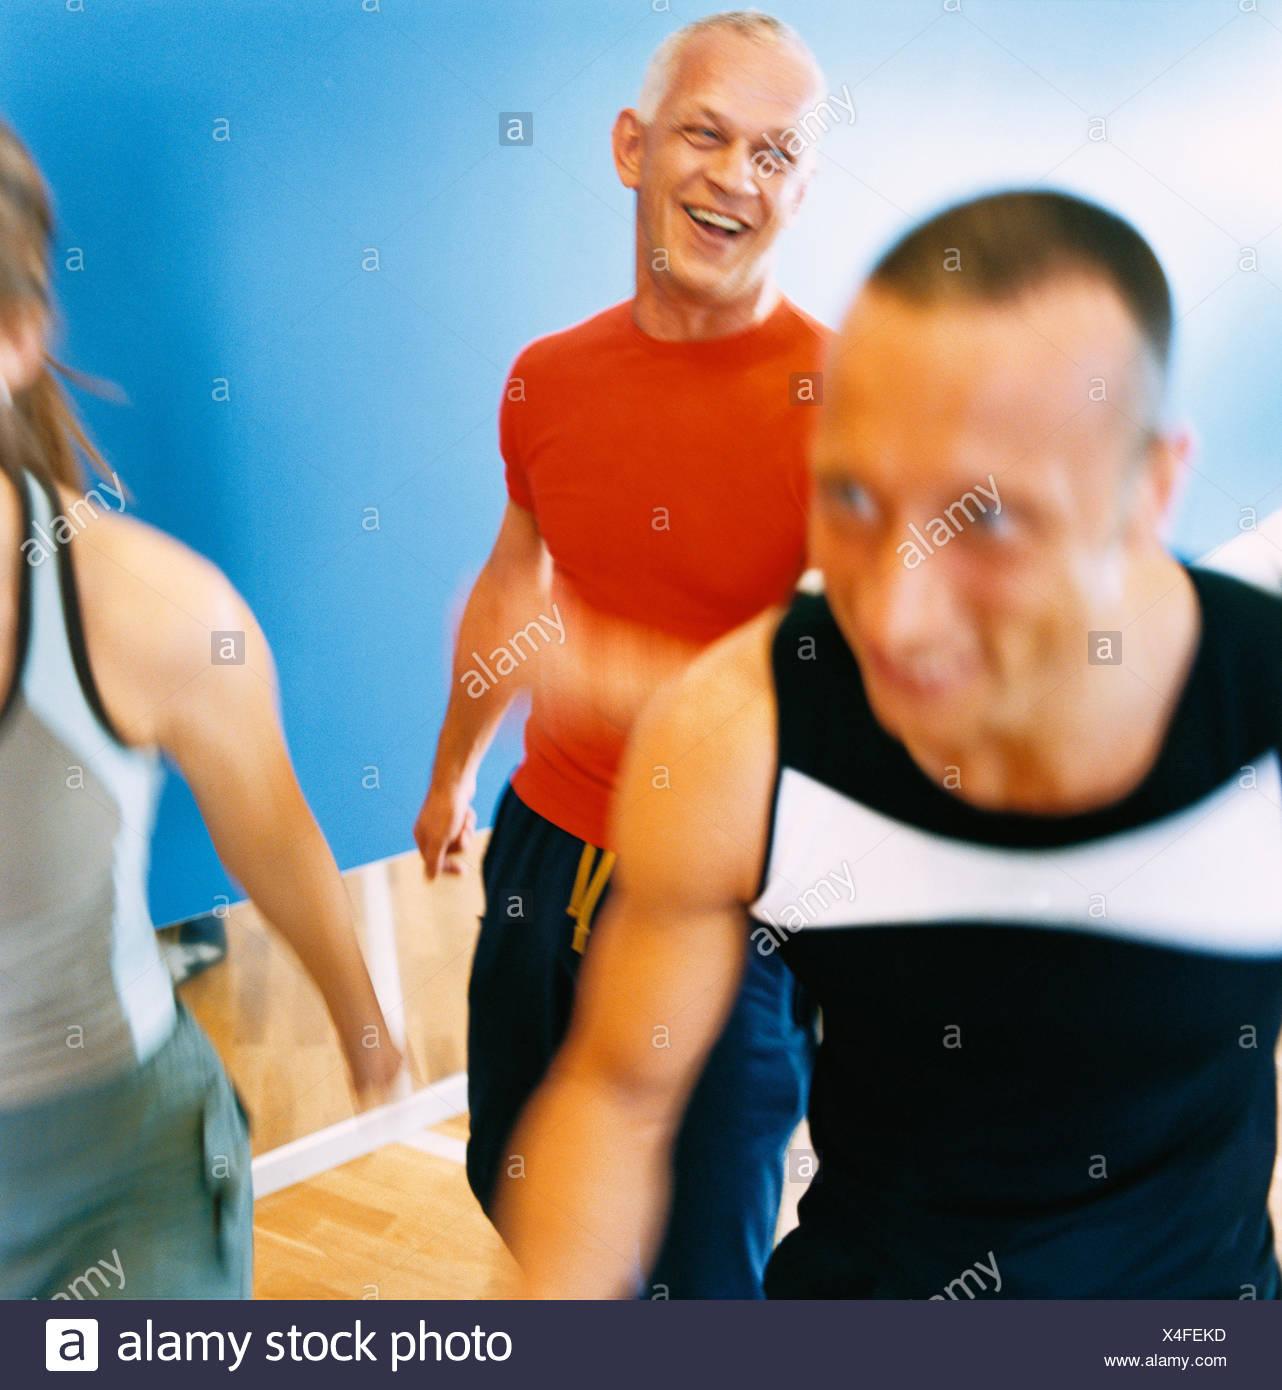 30-34 anni 70-74 anni 75-79 anni di attività solo adulti aerobica bodybuilding atleta immagine a colori uomo anziano esercizio Immagini Stock